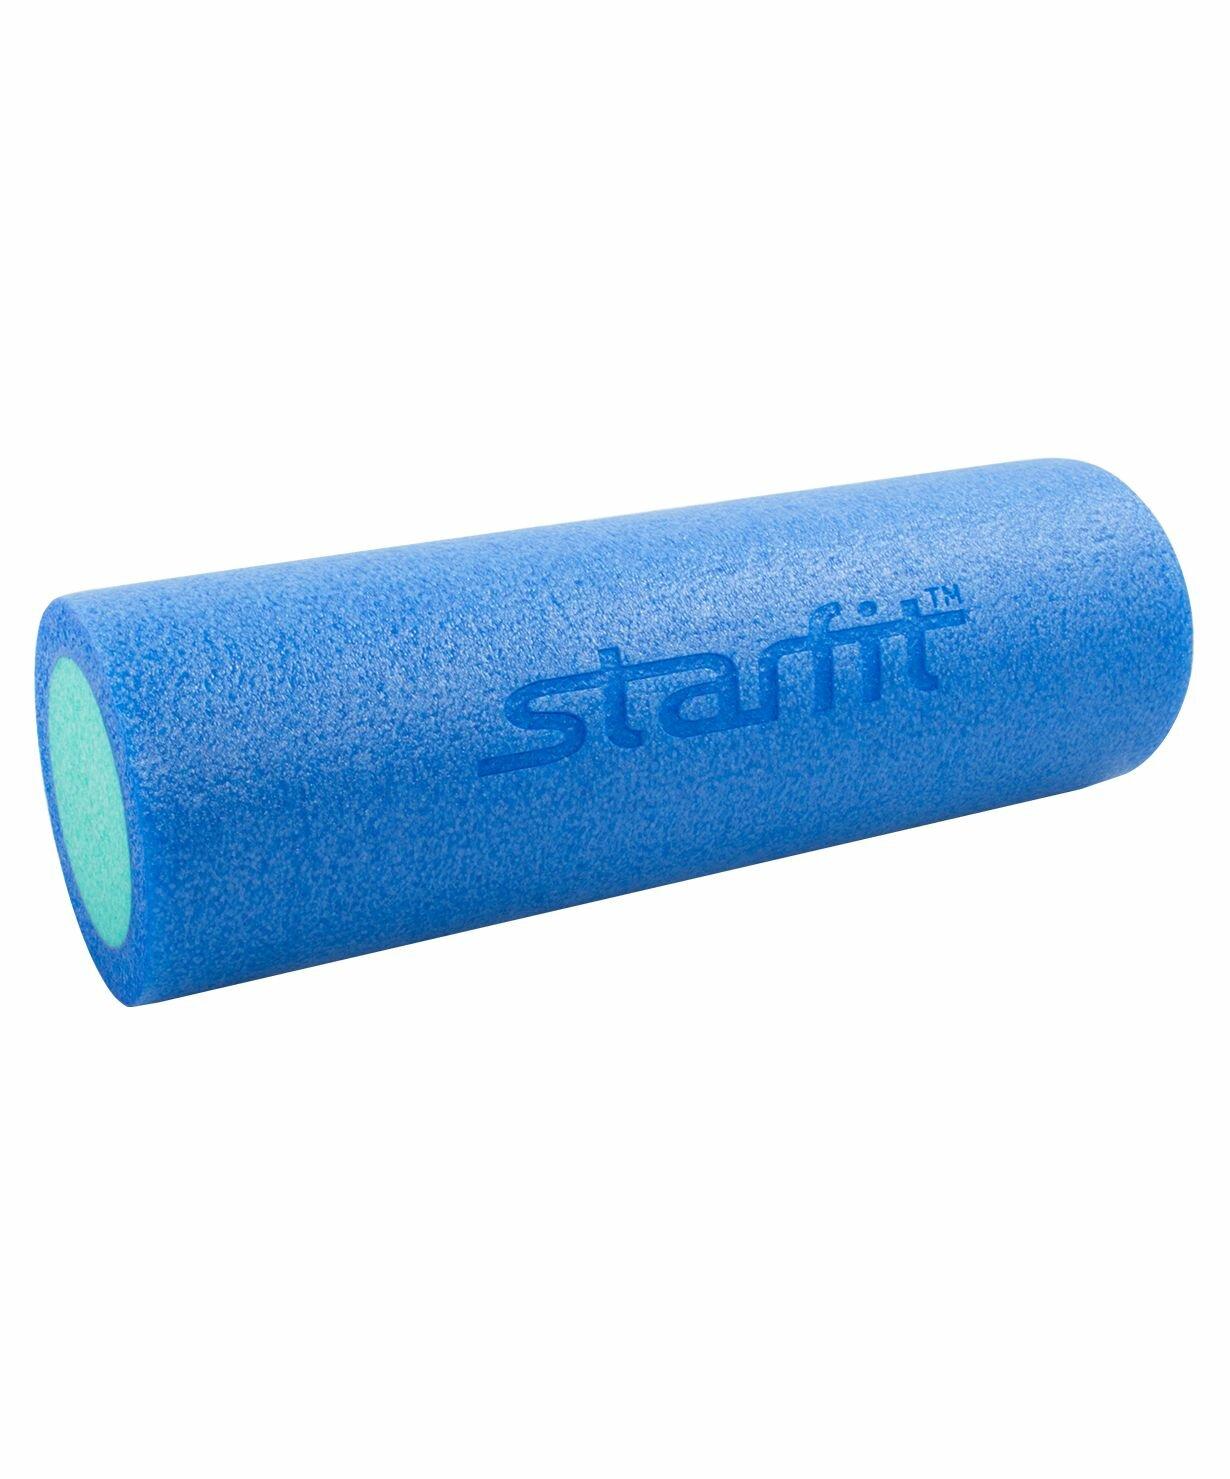 Ролик для йоги и пилатеса FA-501, 15х45 см, синий/голубой